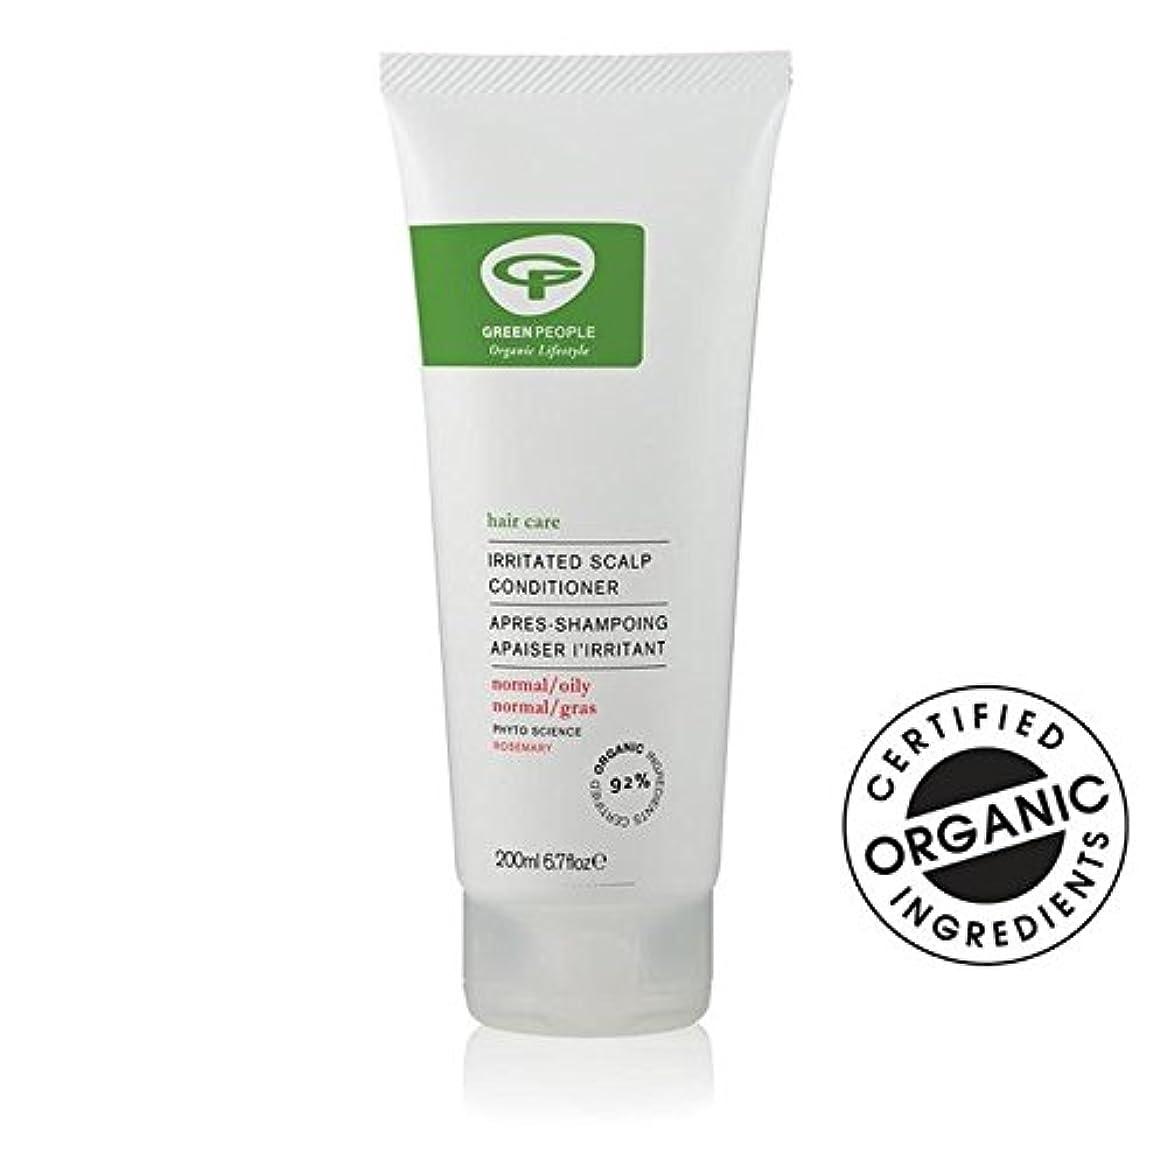 知らせるキルスクライアント緑の人々イライラ頭皮コンディショナー200 x4 - Green People Irritated Scalp Conditioner 200ml (Pack of 4) [並行輸入品]